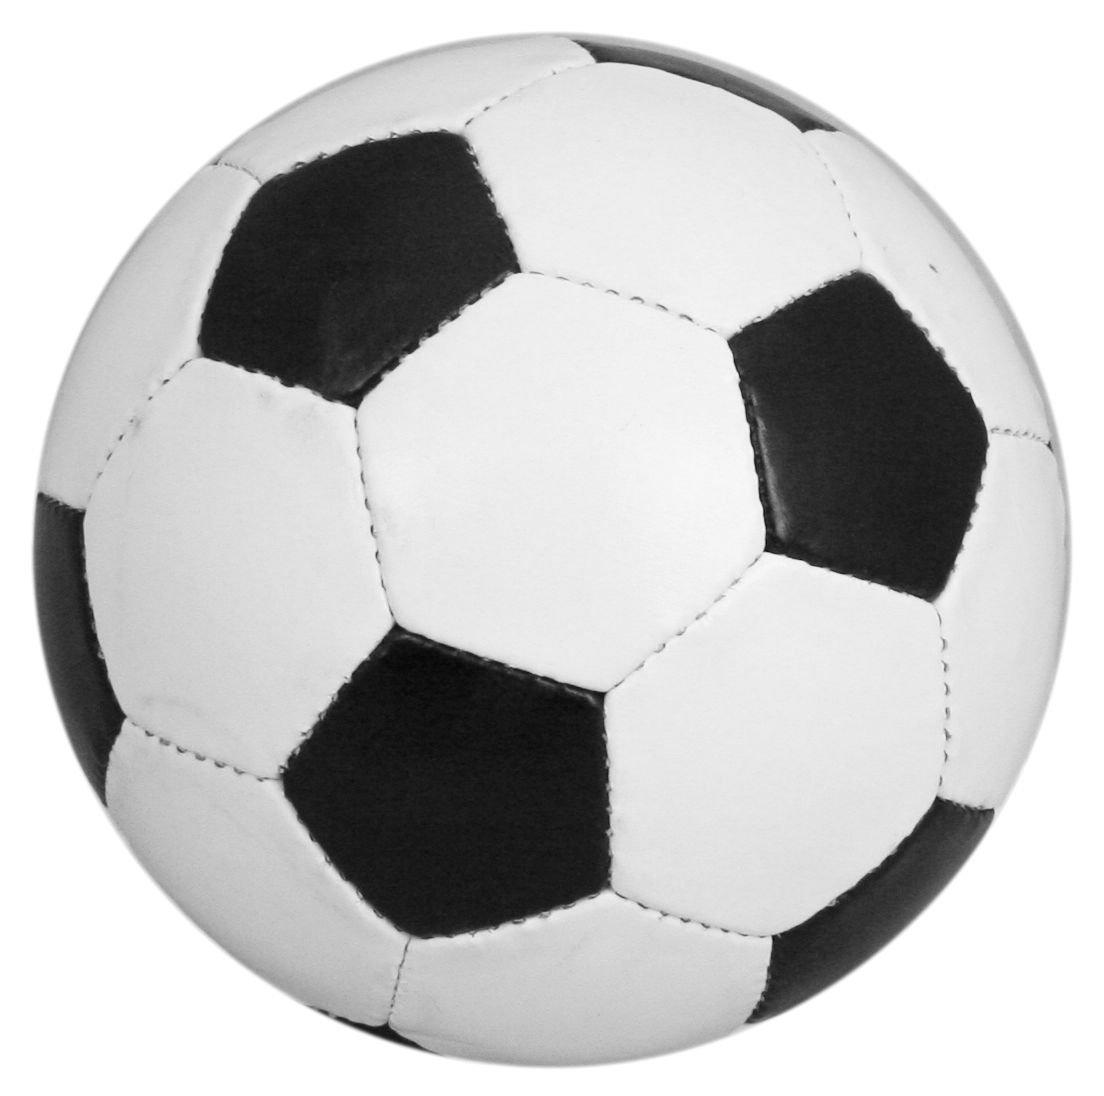 Classic_Ball.jpg.e8ca782f9ed60148355970be4733fa58.jpg